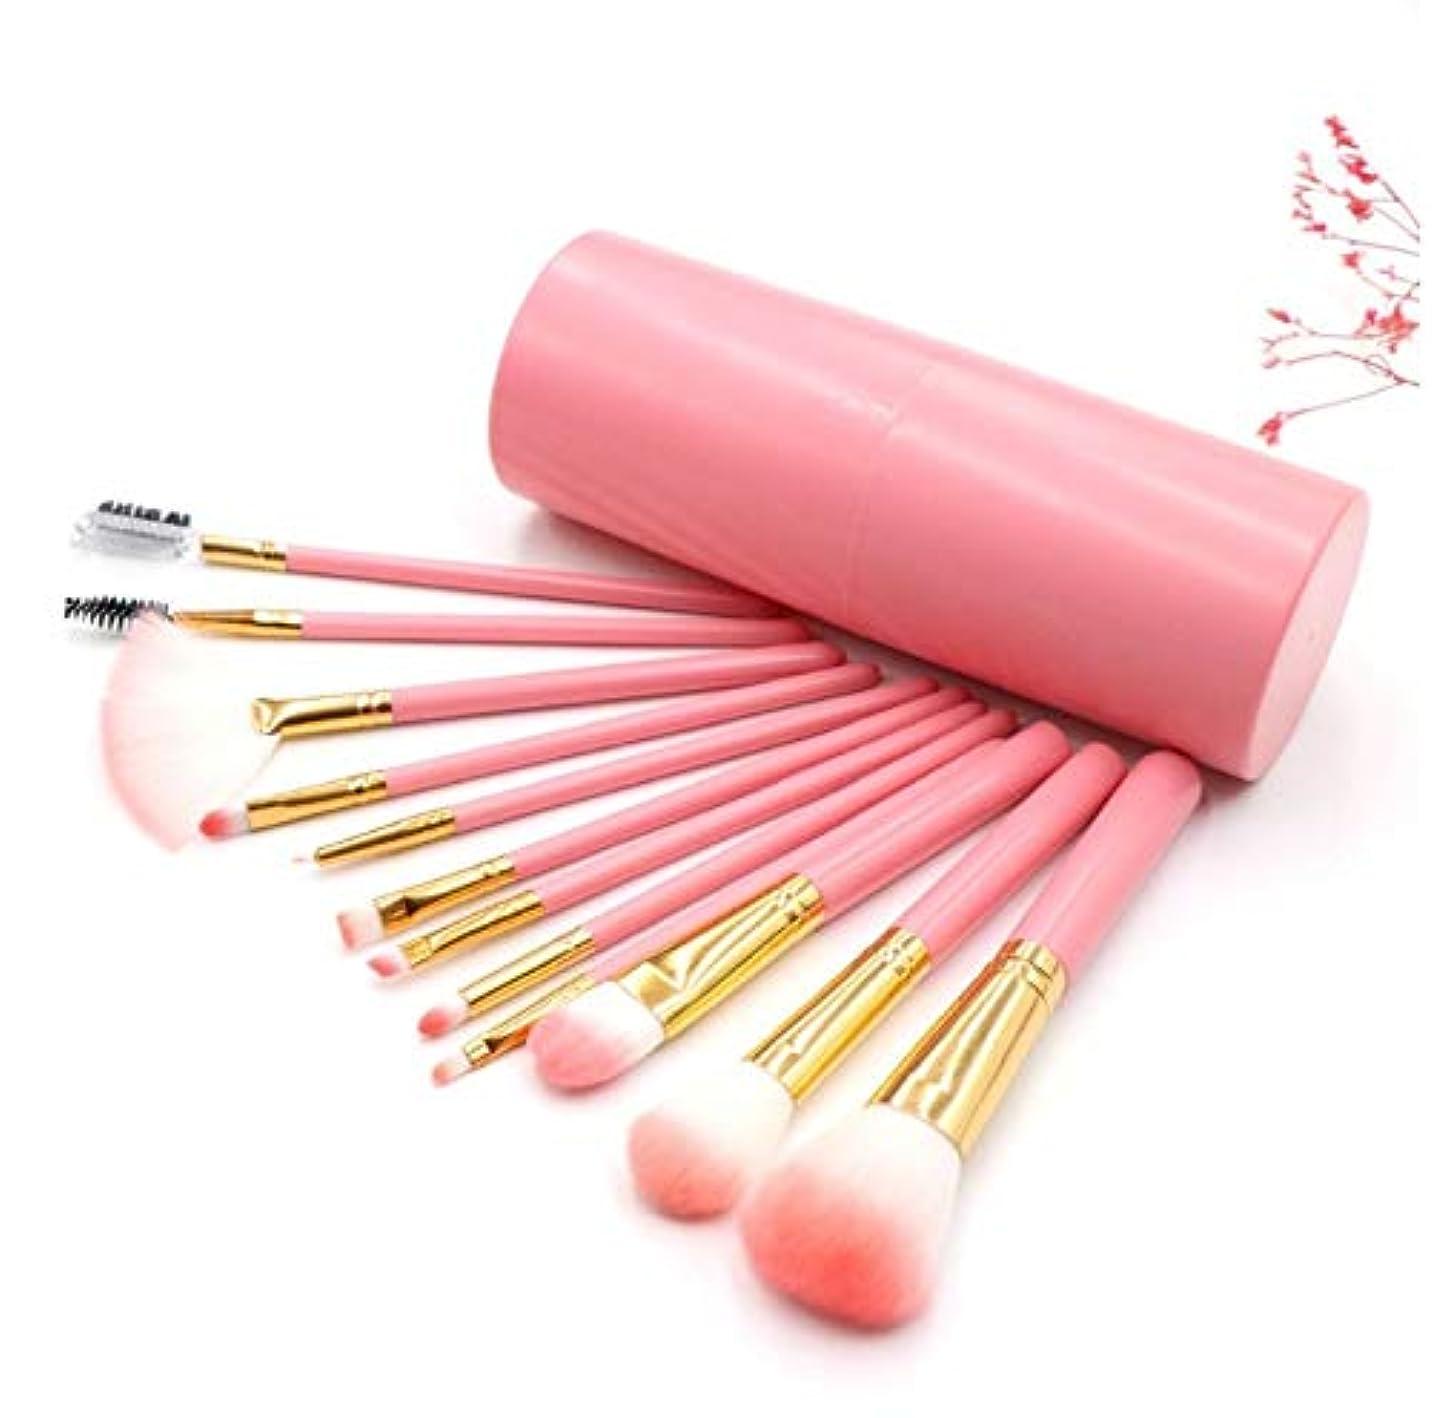 メダリスト気取らない認可化粧ブラシセット、ピンク12化粧ブラシバケツブラシセットアイシャドウブラシリップブラシ美容化粧道具